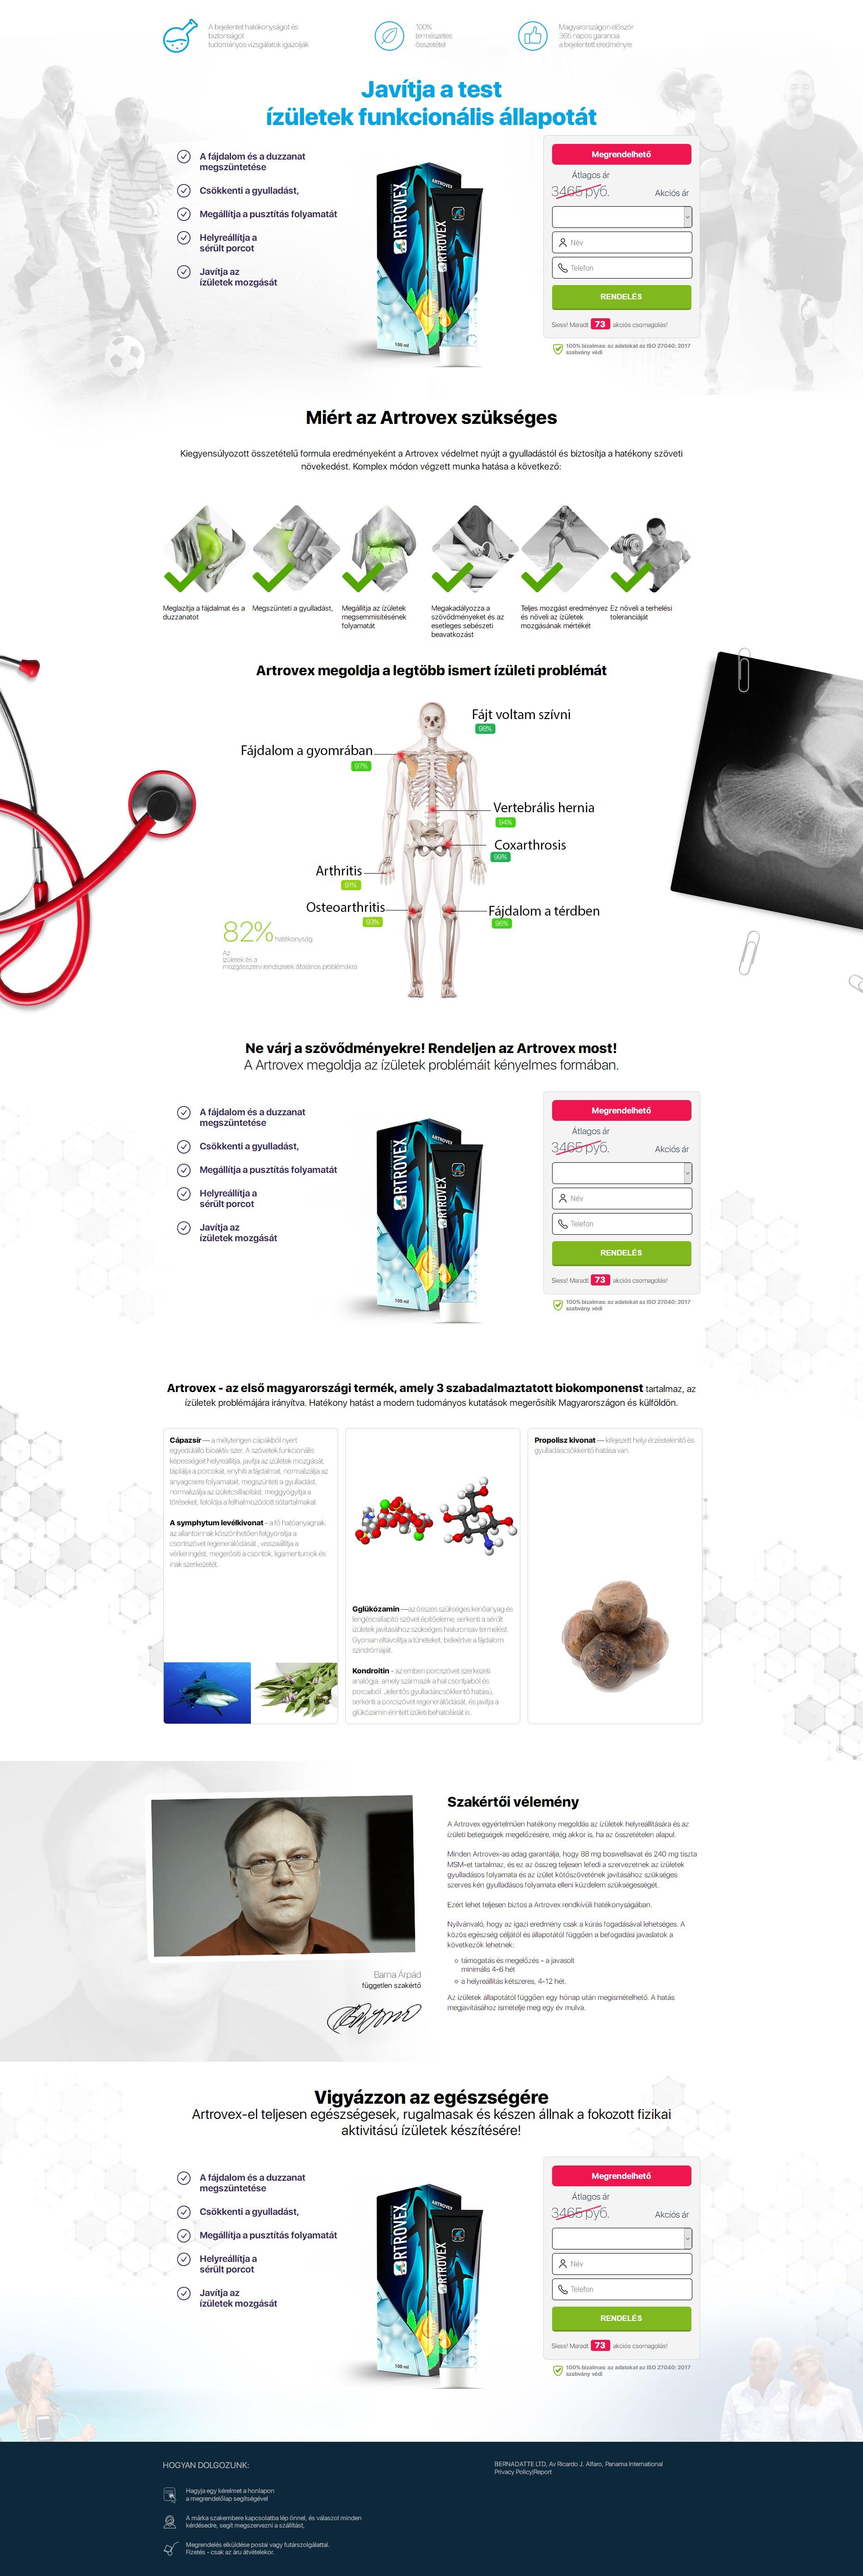 fájdalomcsillapító kenőcsök a láb ízületeire)